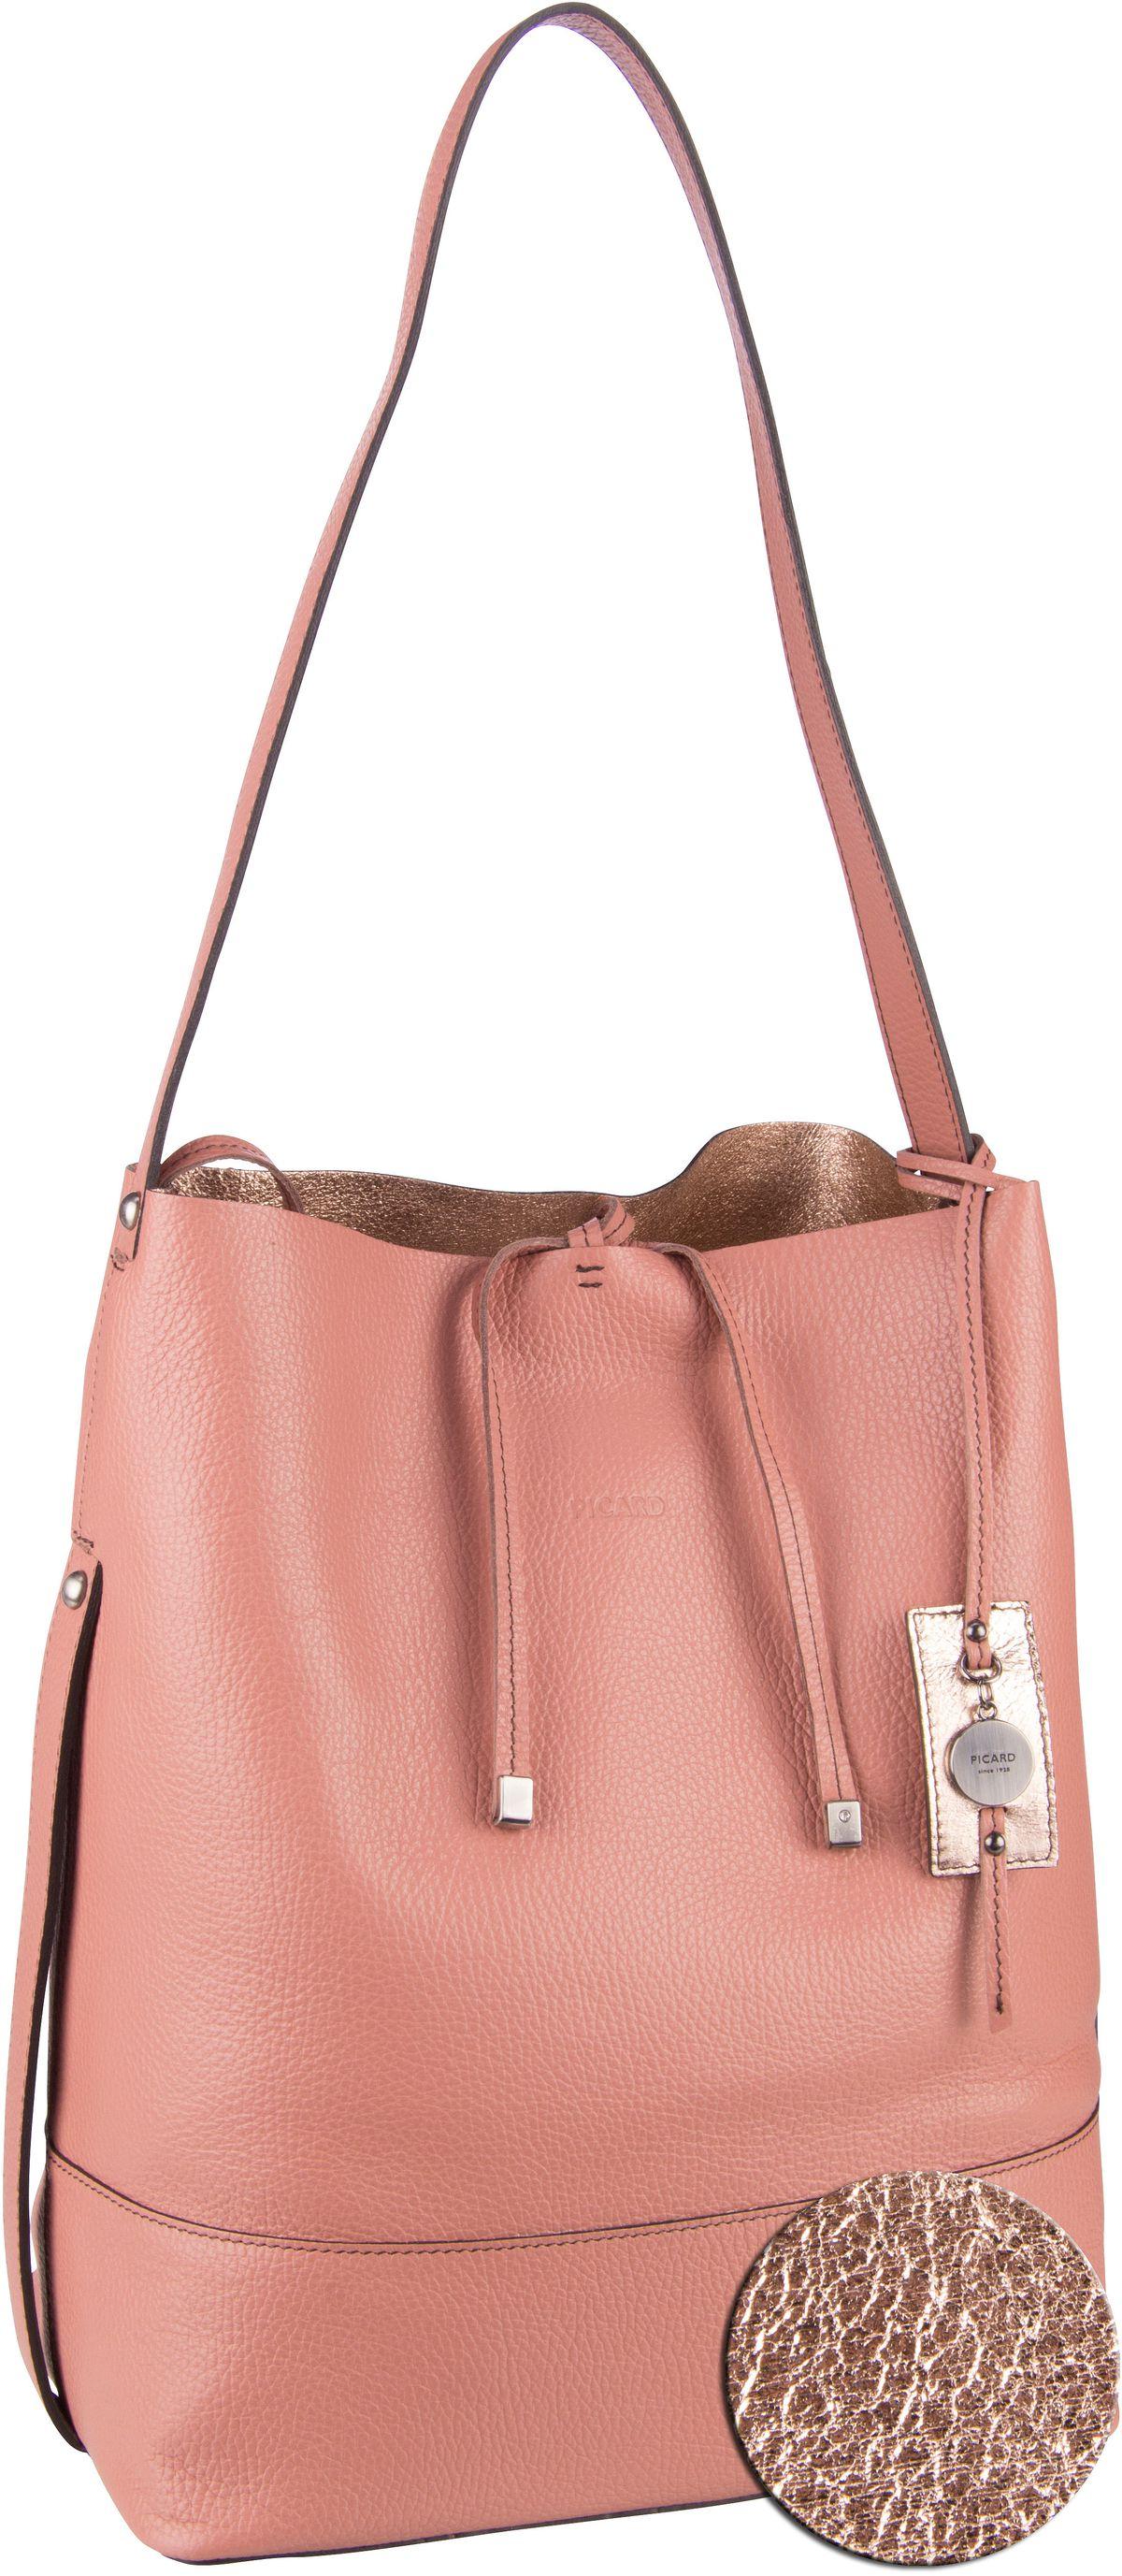 Handtasche Eclectic 4898 Rosie (innen: Gold)